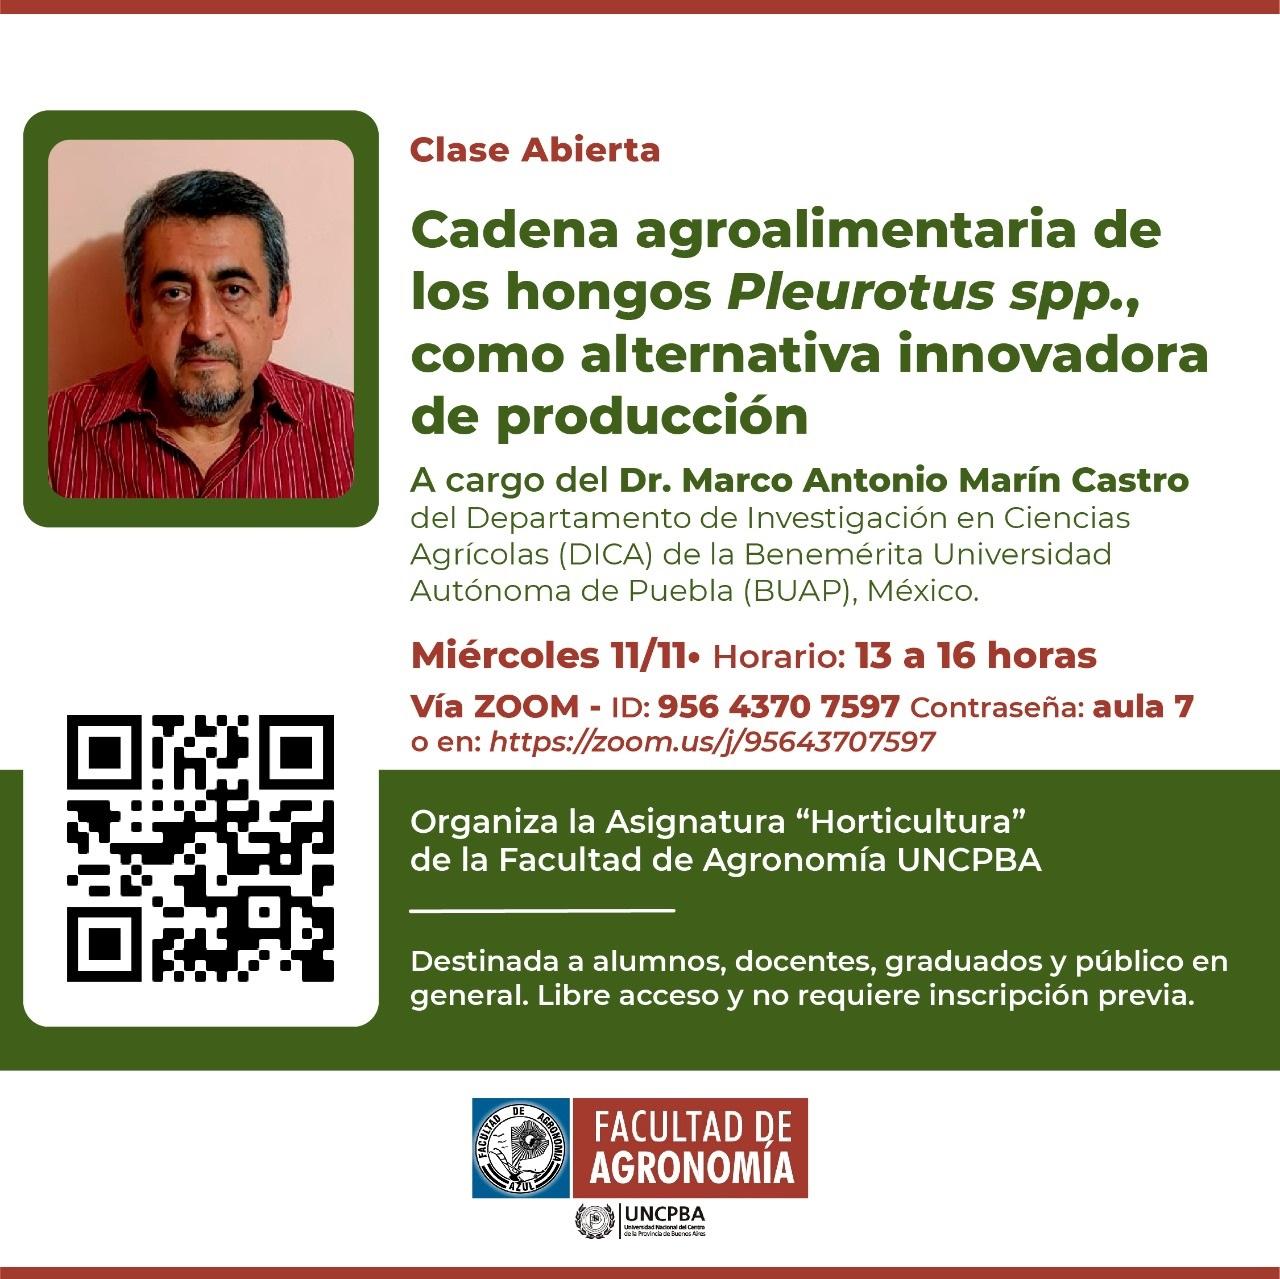 """Clase Abierta sobre """"Cadena agroalimentaria de los hongos Pleurotus spp., como alternativa innovadora de producción"""""""